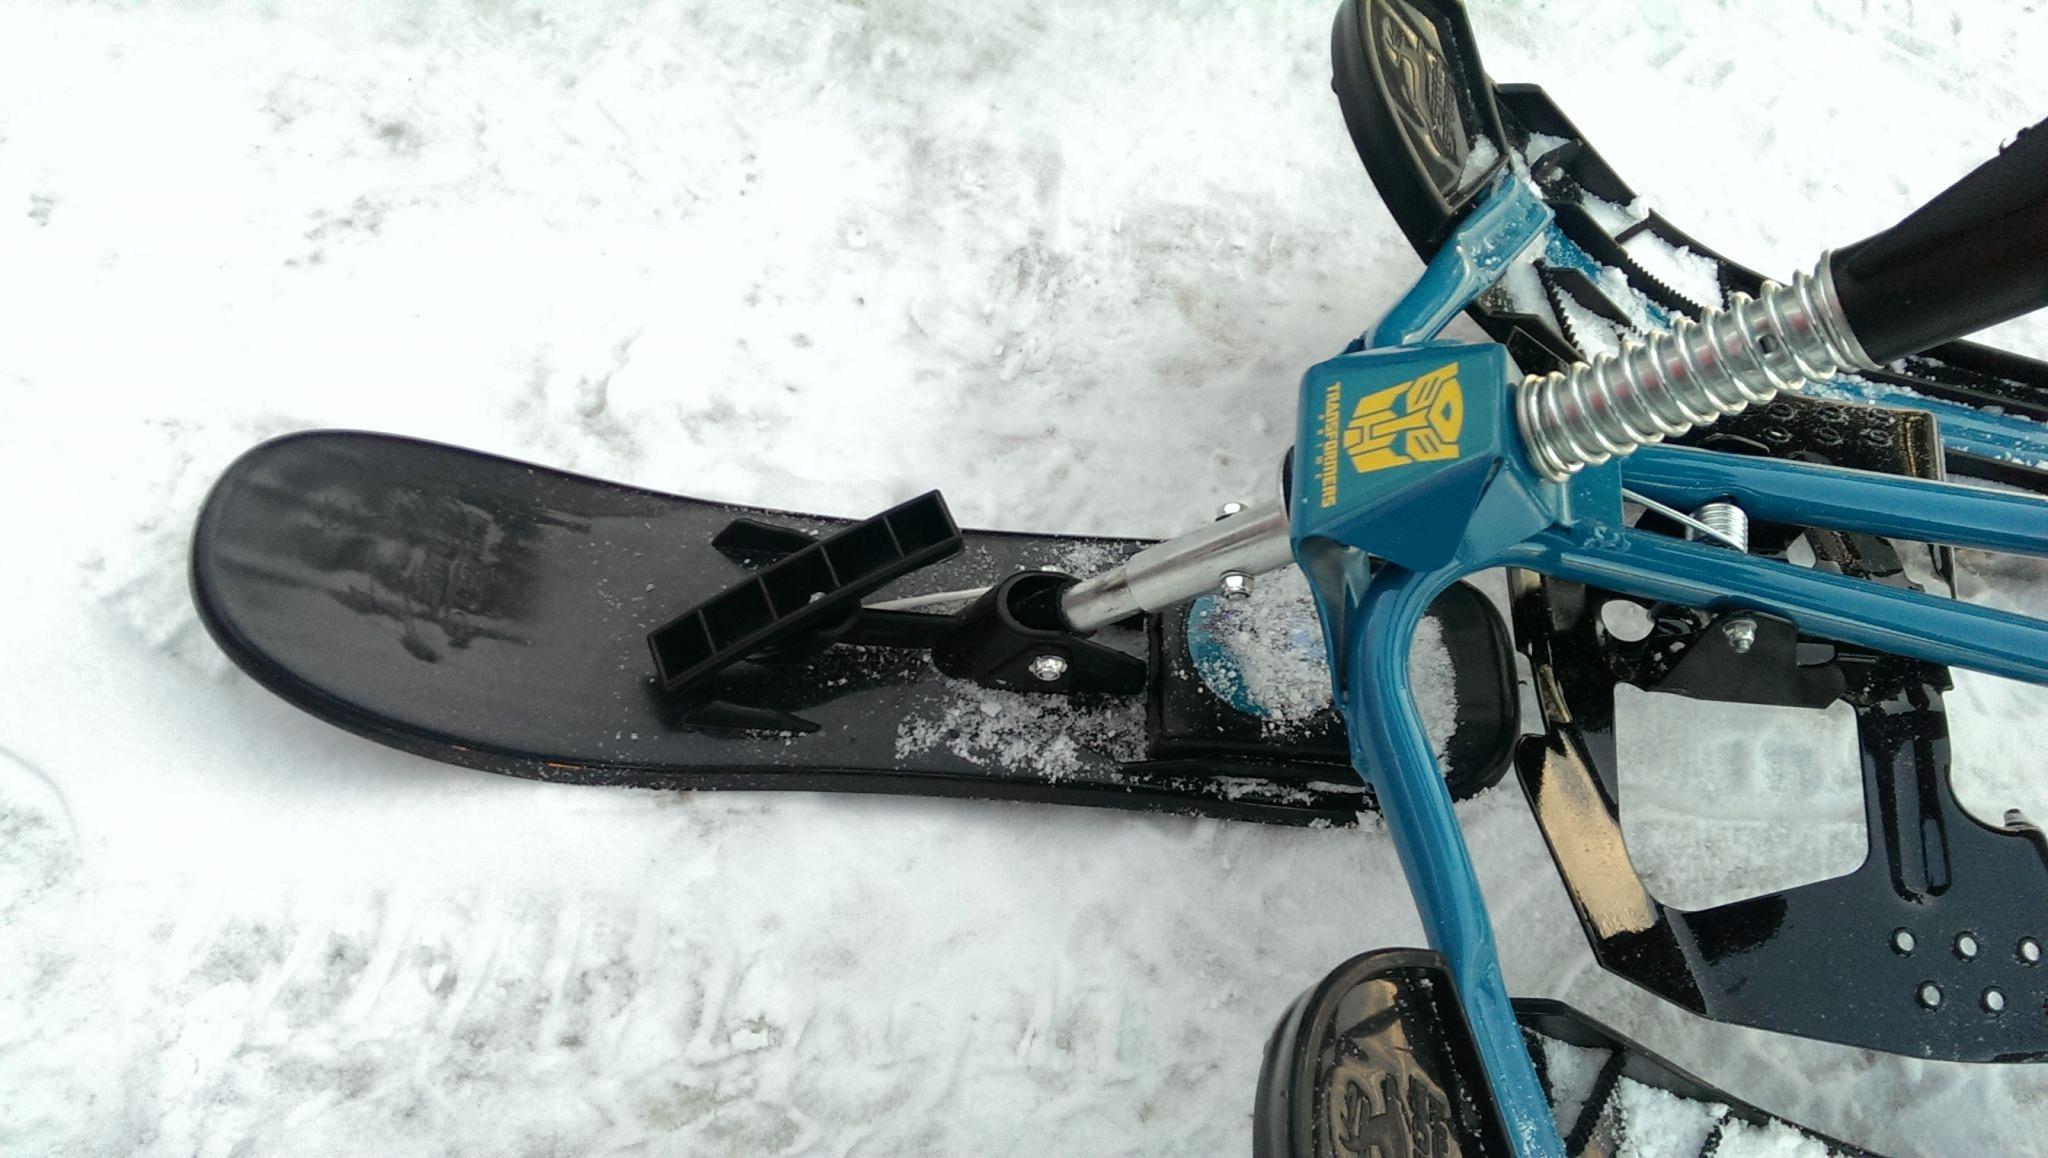 Снегокат snowstorm инструкция